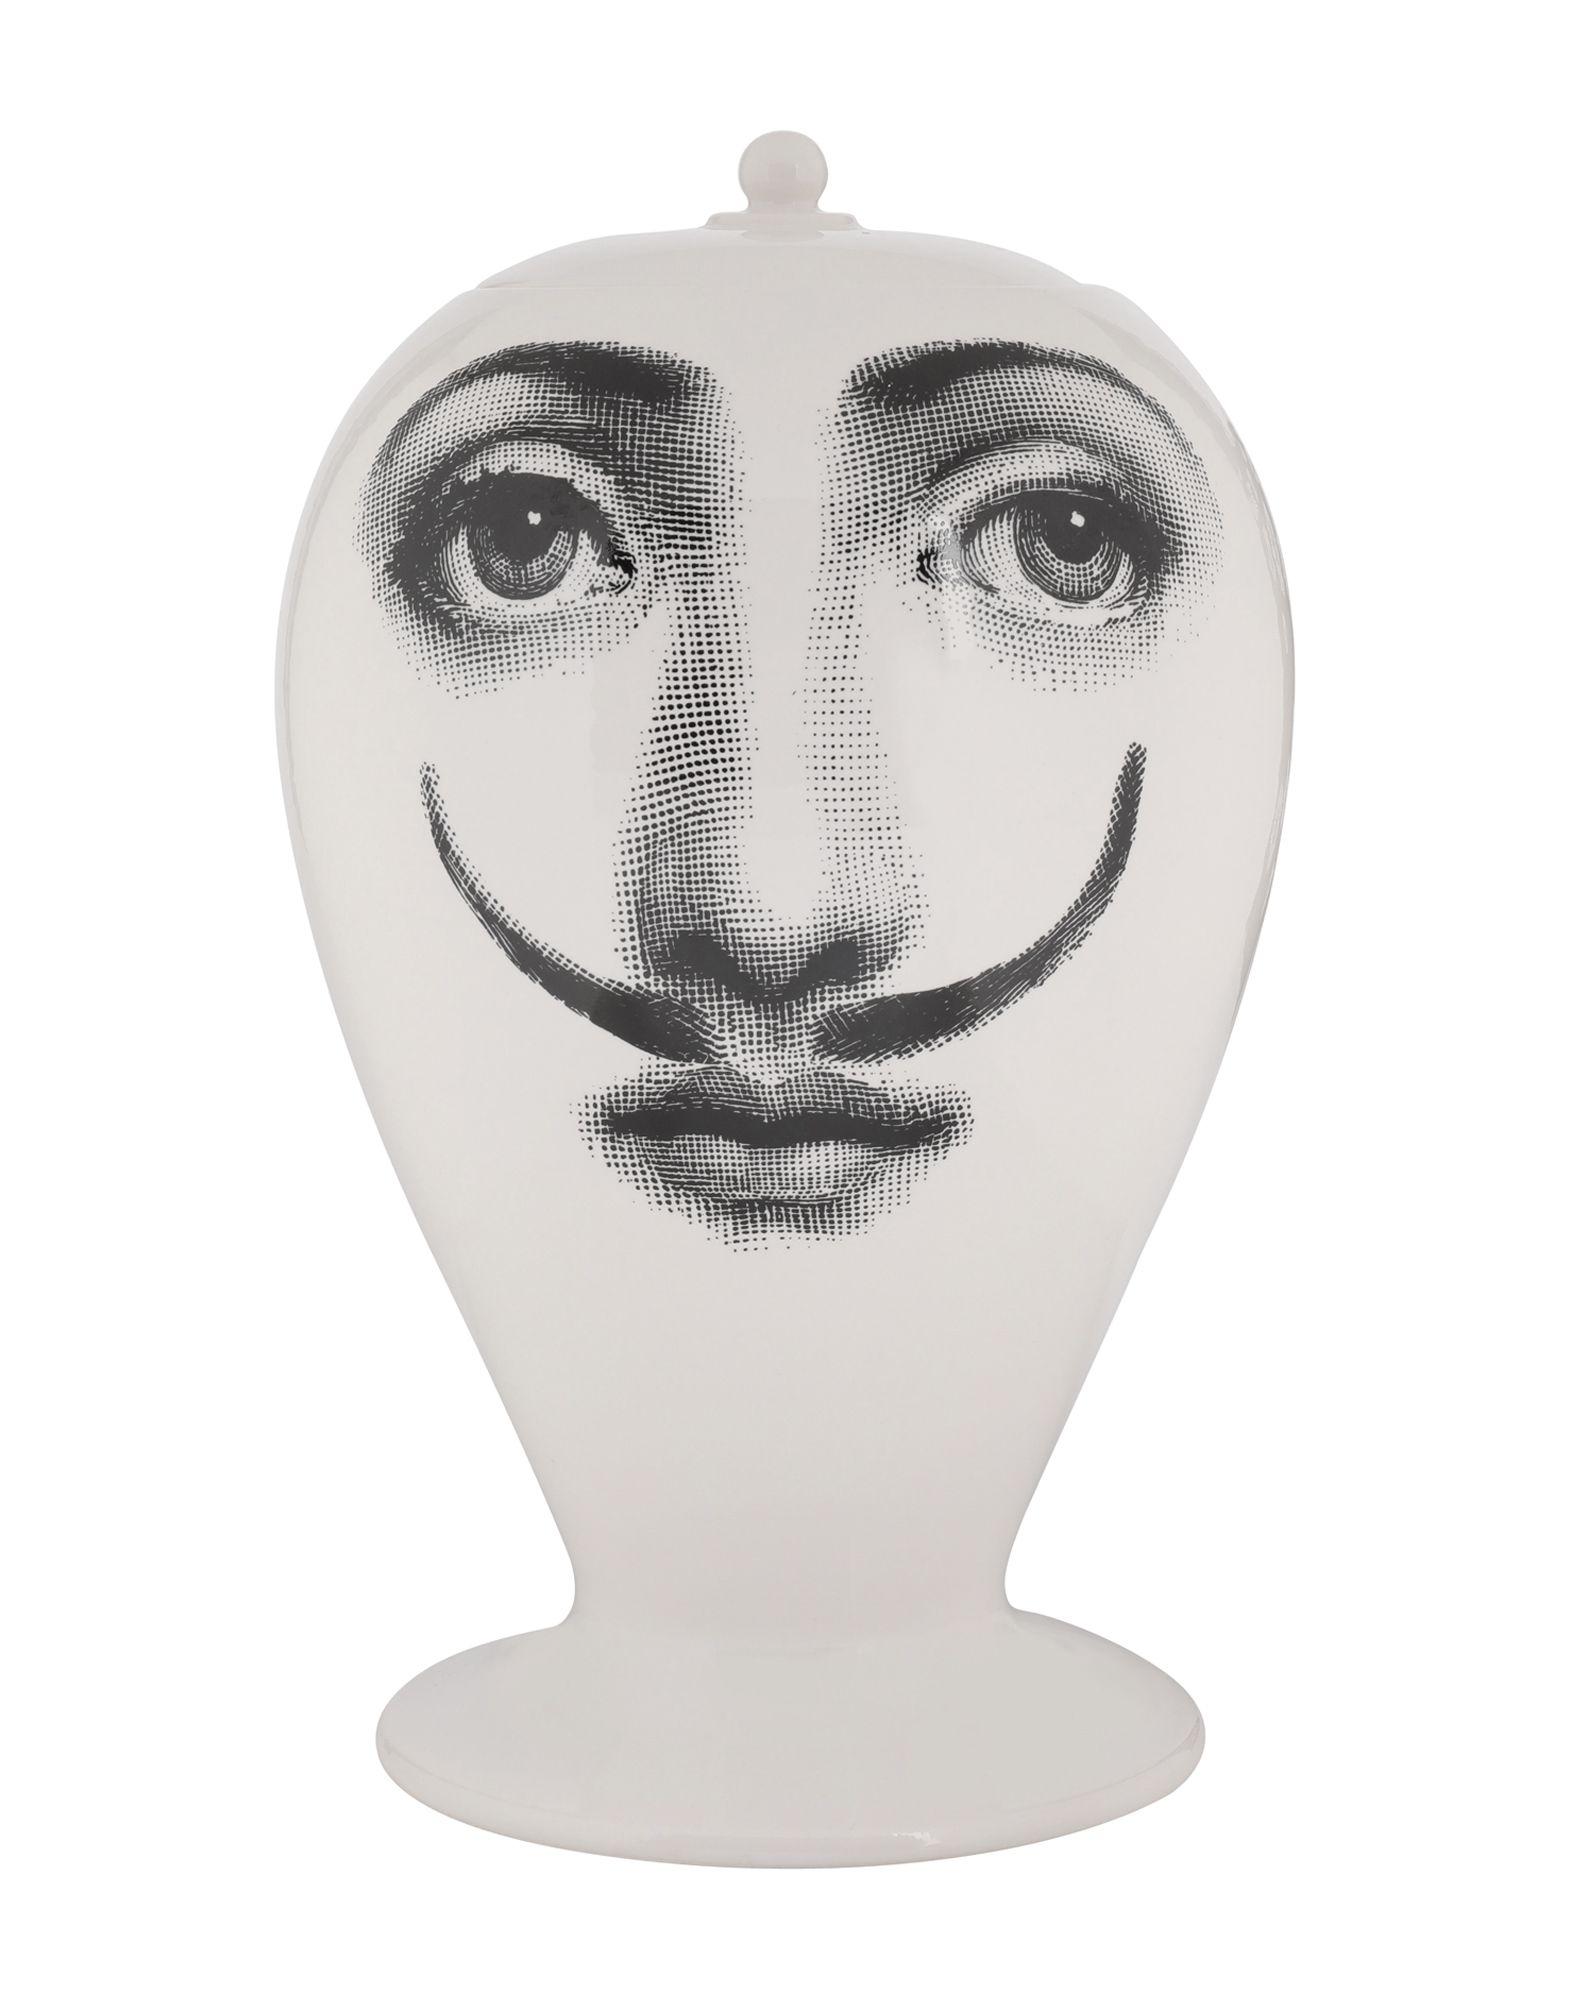 Fornasetti la femme aux moustache vase designart fornasetti fornasetti la femme aux moustache vase designart fornasetti online on yoox 58024295lj reviewsmspy